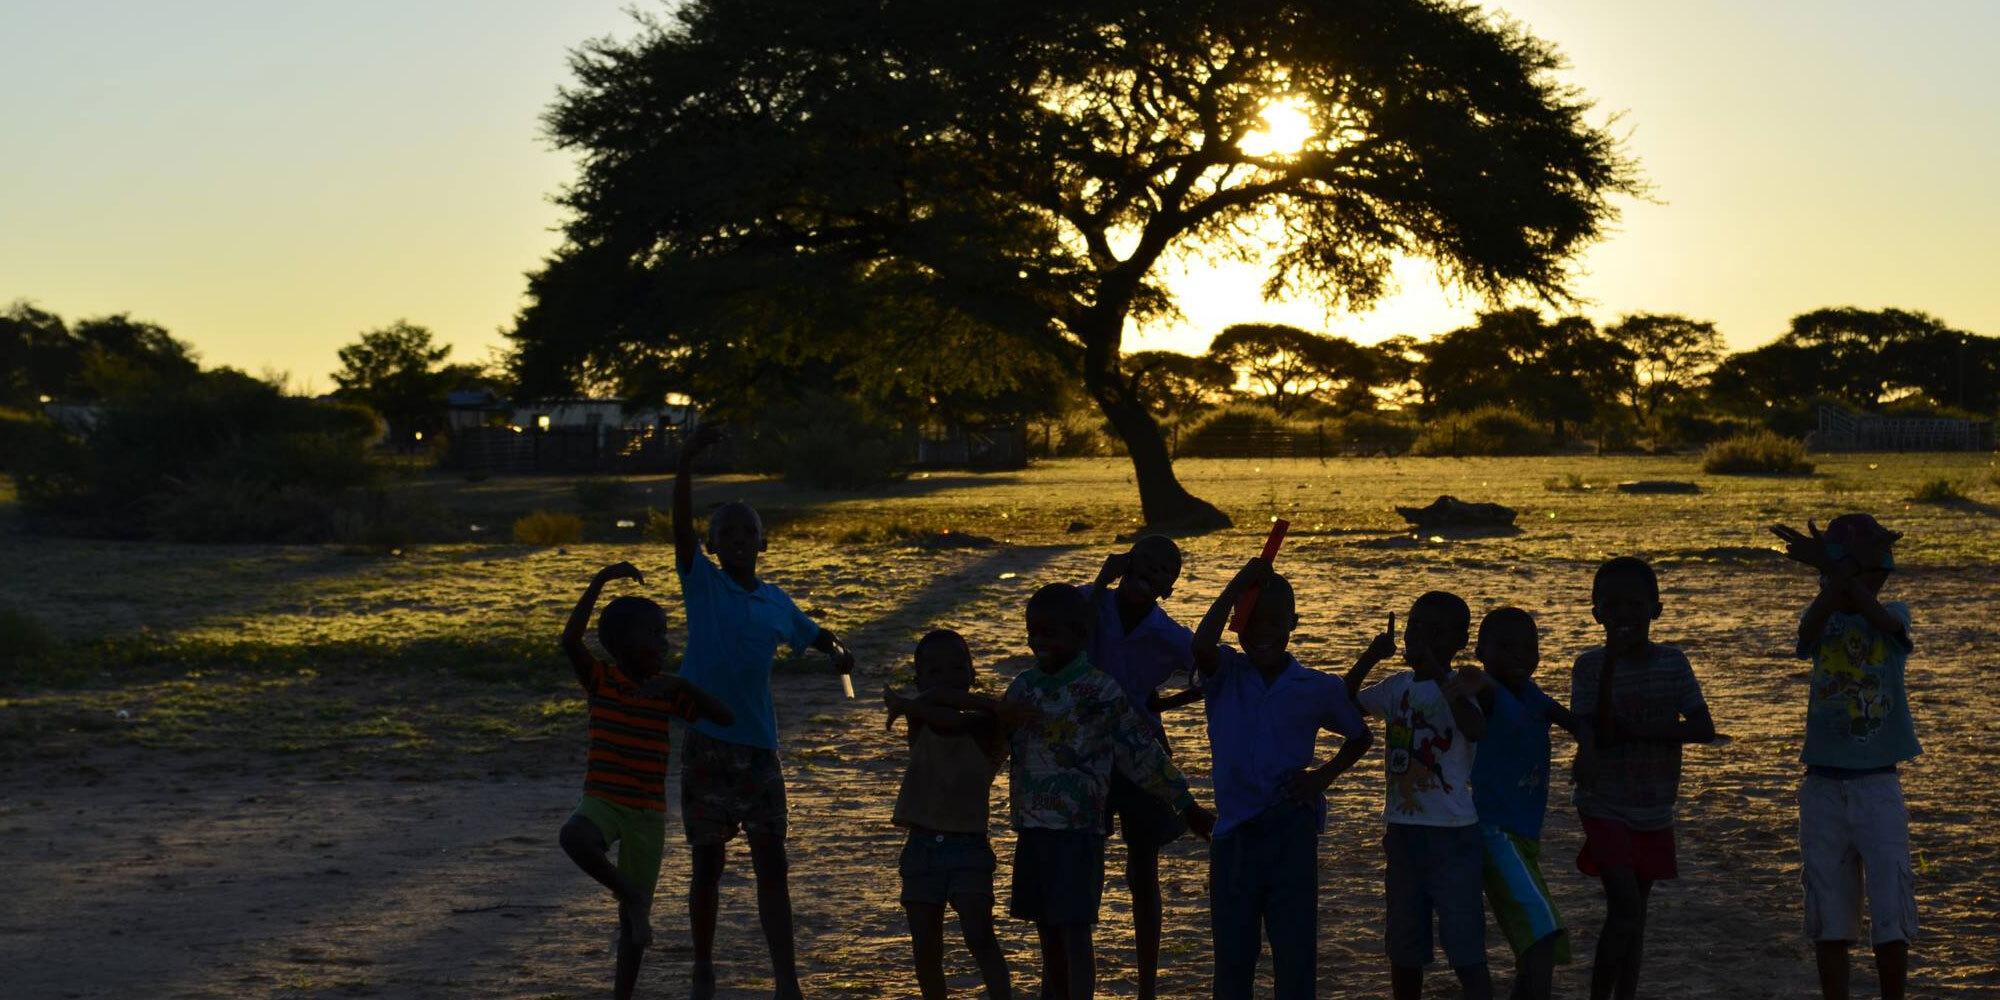 Suni e.V. ist ein multinationaler Verein. Wir unterstützen ausgewählte Bildungsinstitutionen in der Omaheke Region in Namibia. So möchten wir die Lehr- und Lebensbedingungen von benachteiligten Kindern und Jugendlichen verbessern.